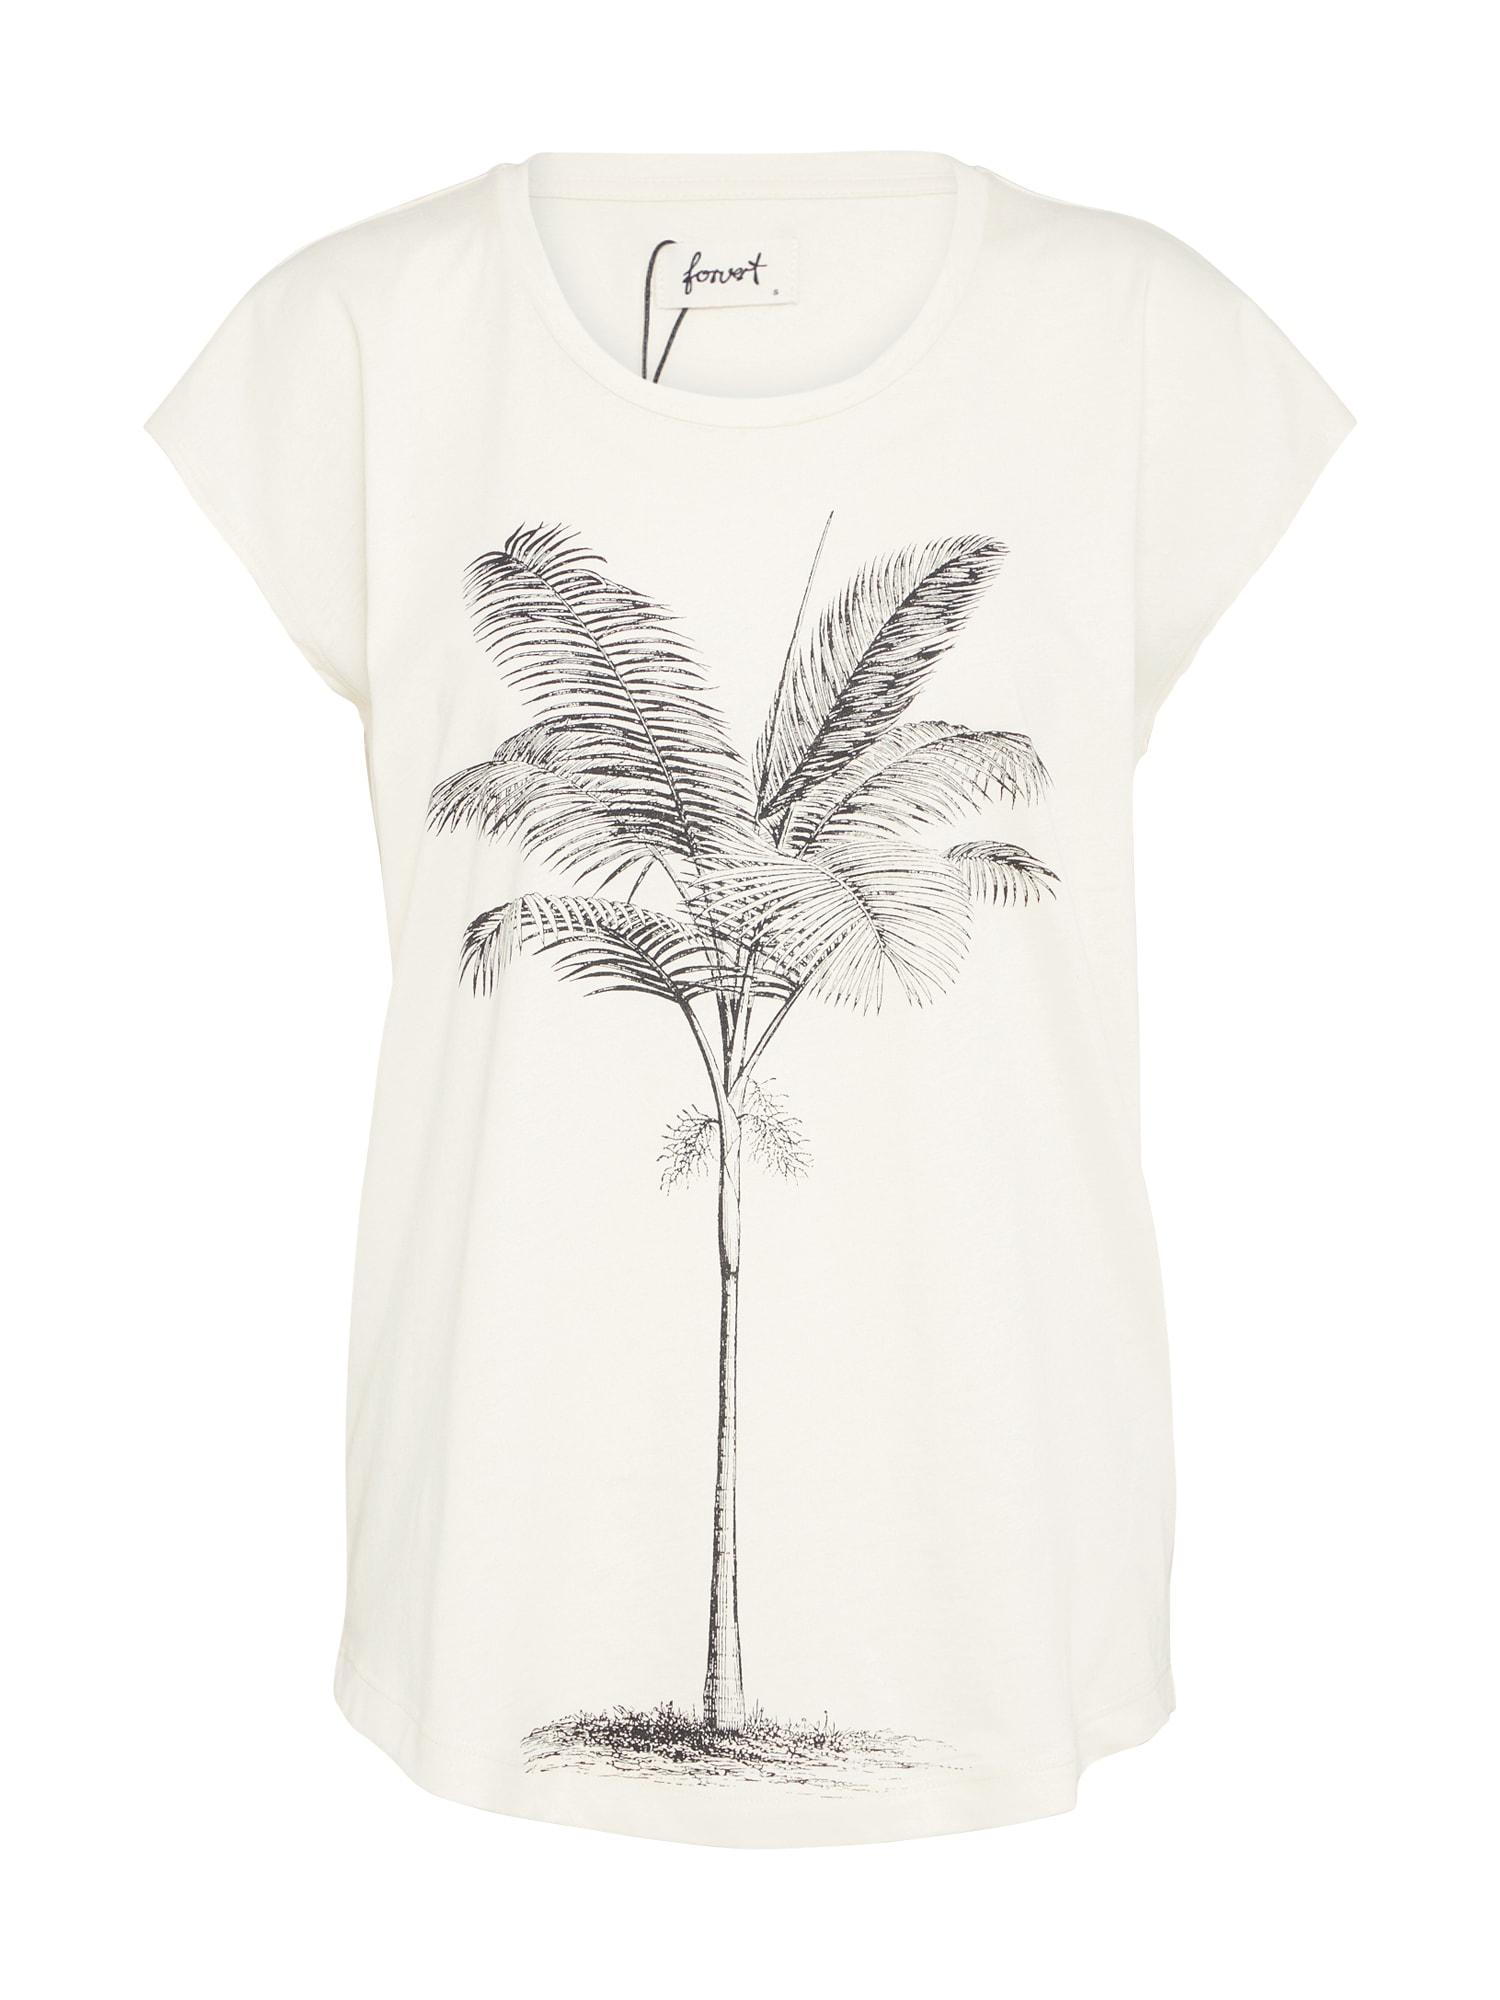 Tričko Irma antracitová přírodní bílá Forvert